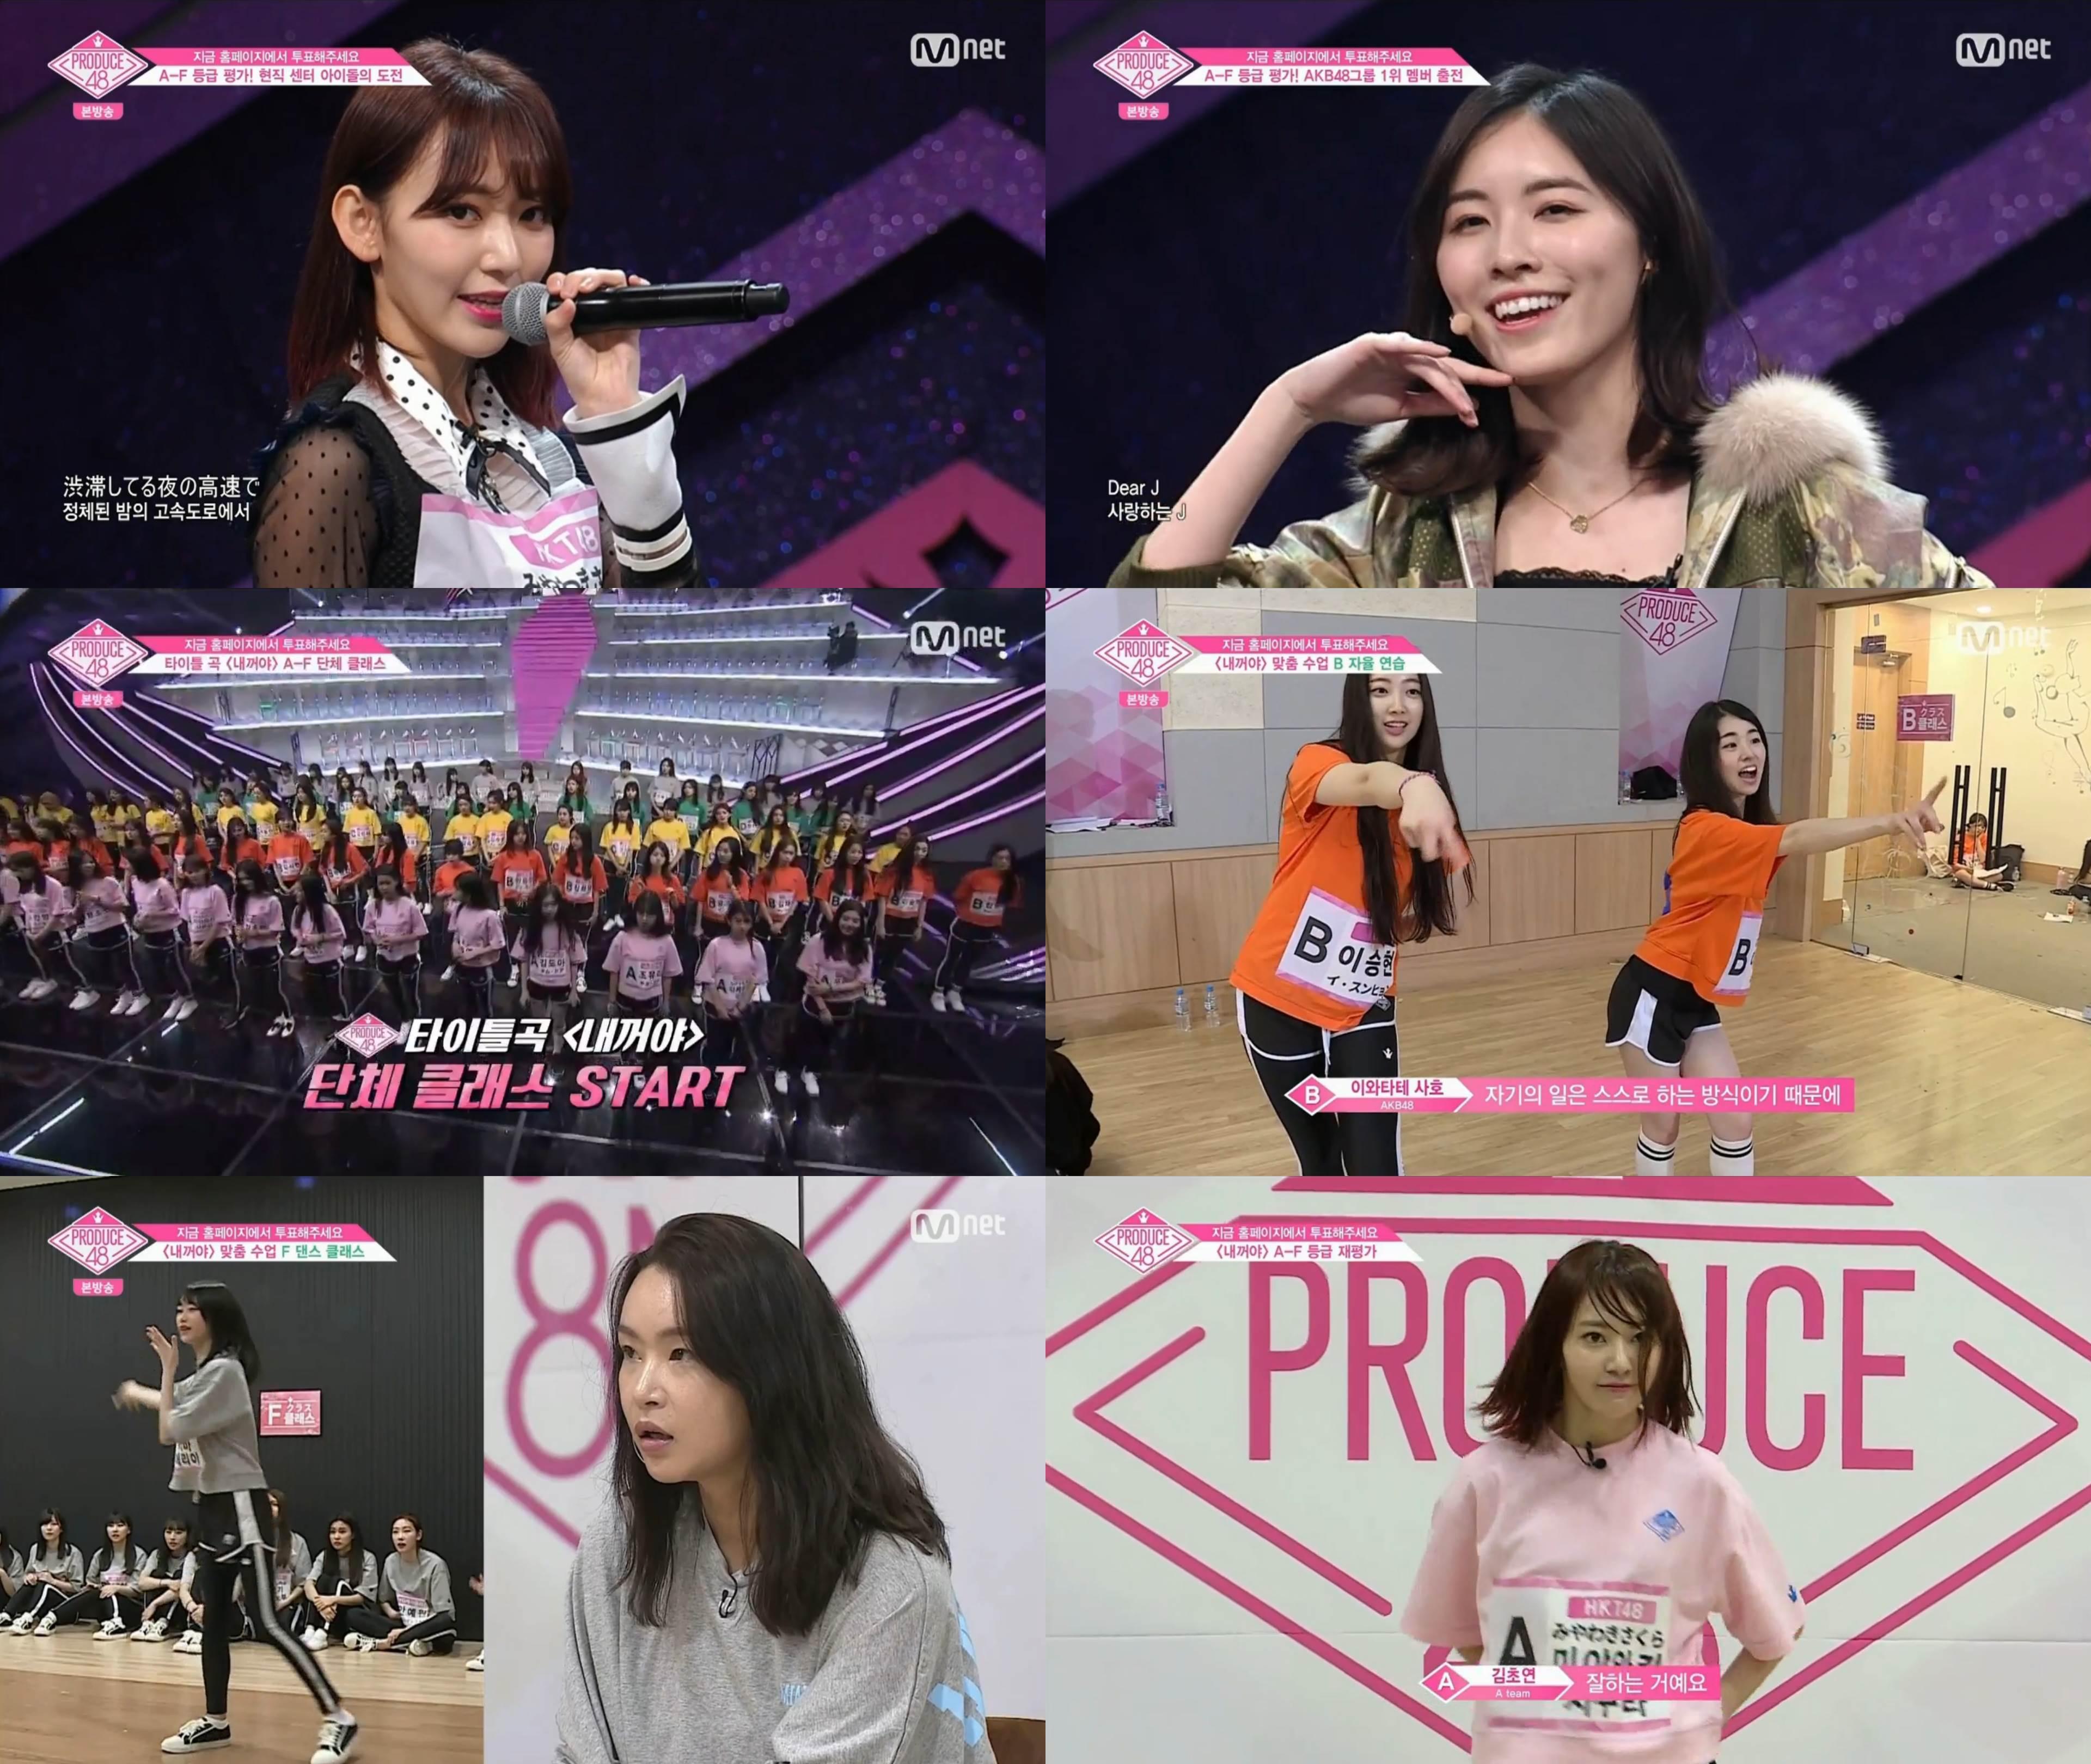 '프로듀스48' 시청률 1.9%로 대폭 상승, 방송 2회 만에 최고 화제성 입증!